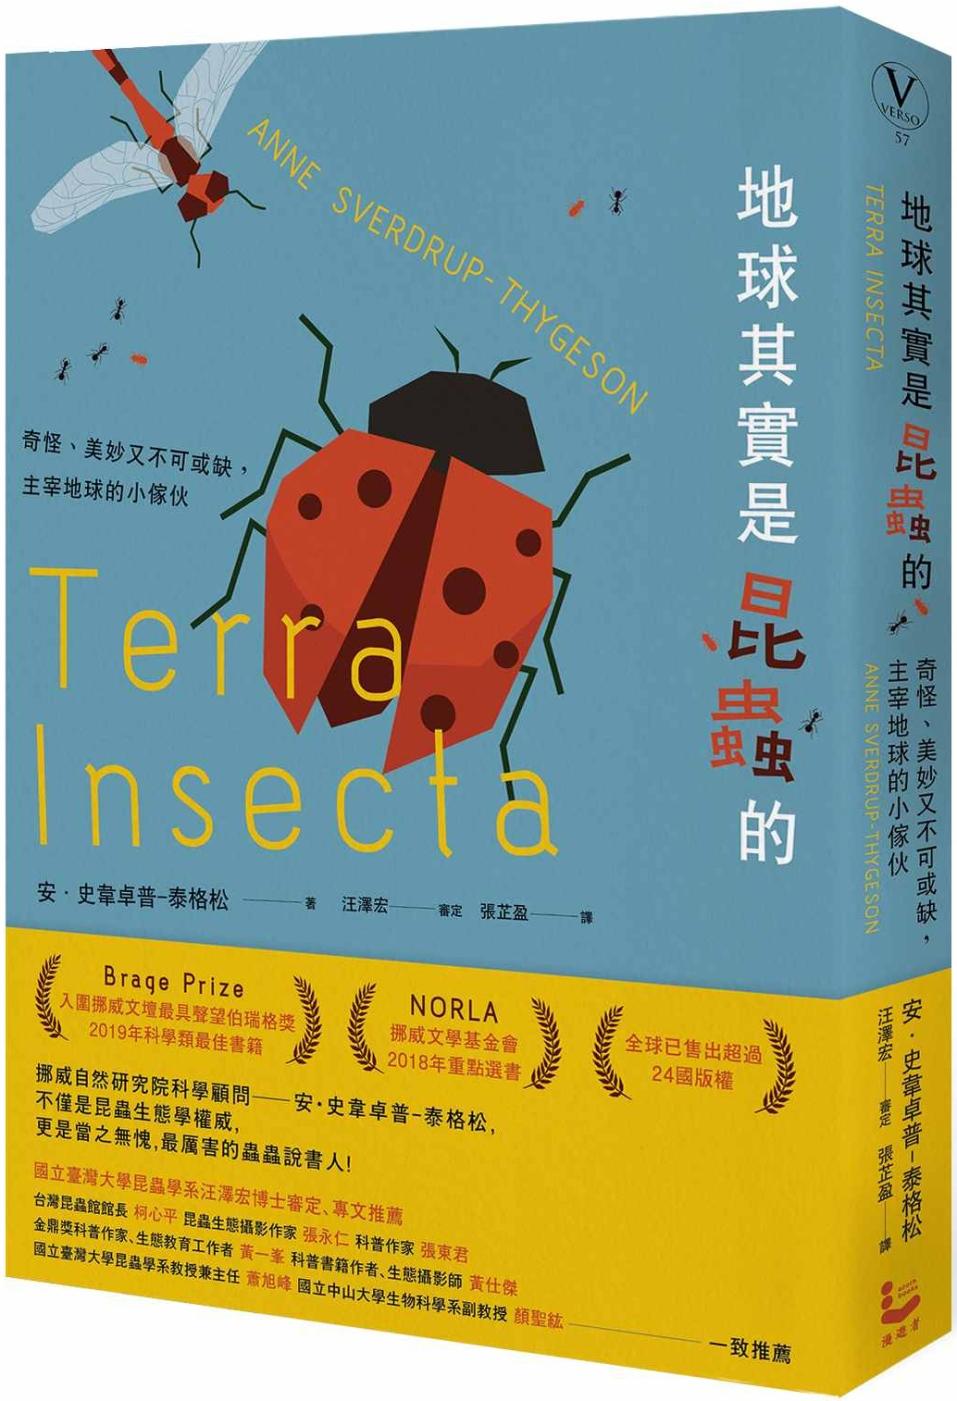 地球其實是昆蟲的:奇怪、美妙又不可或缺,主宰地球的小傢伙